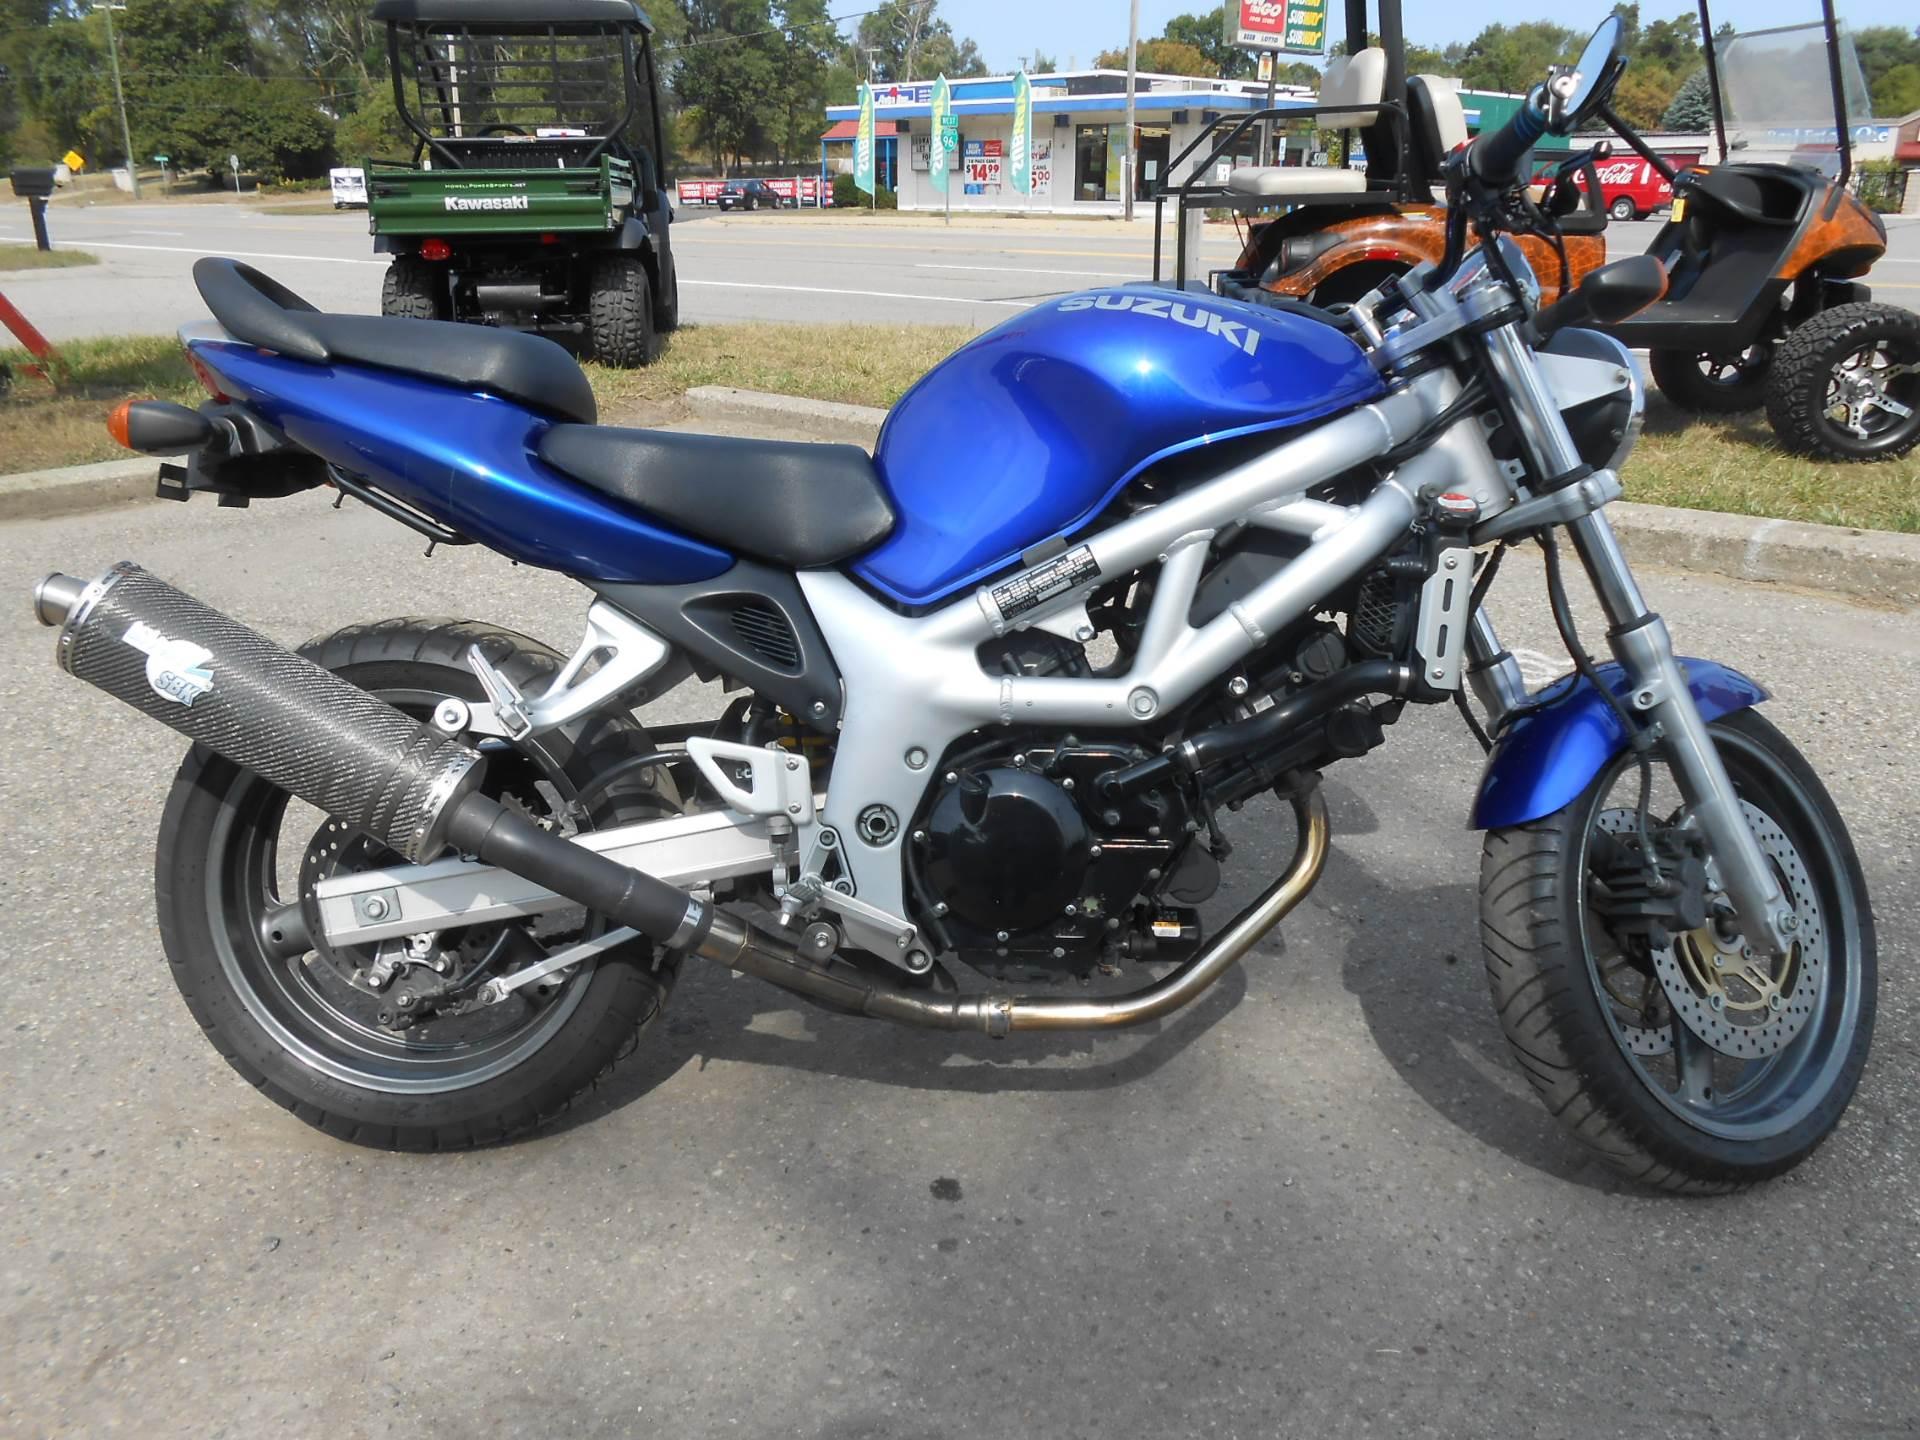 2000 Suzuki SV650 2